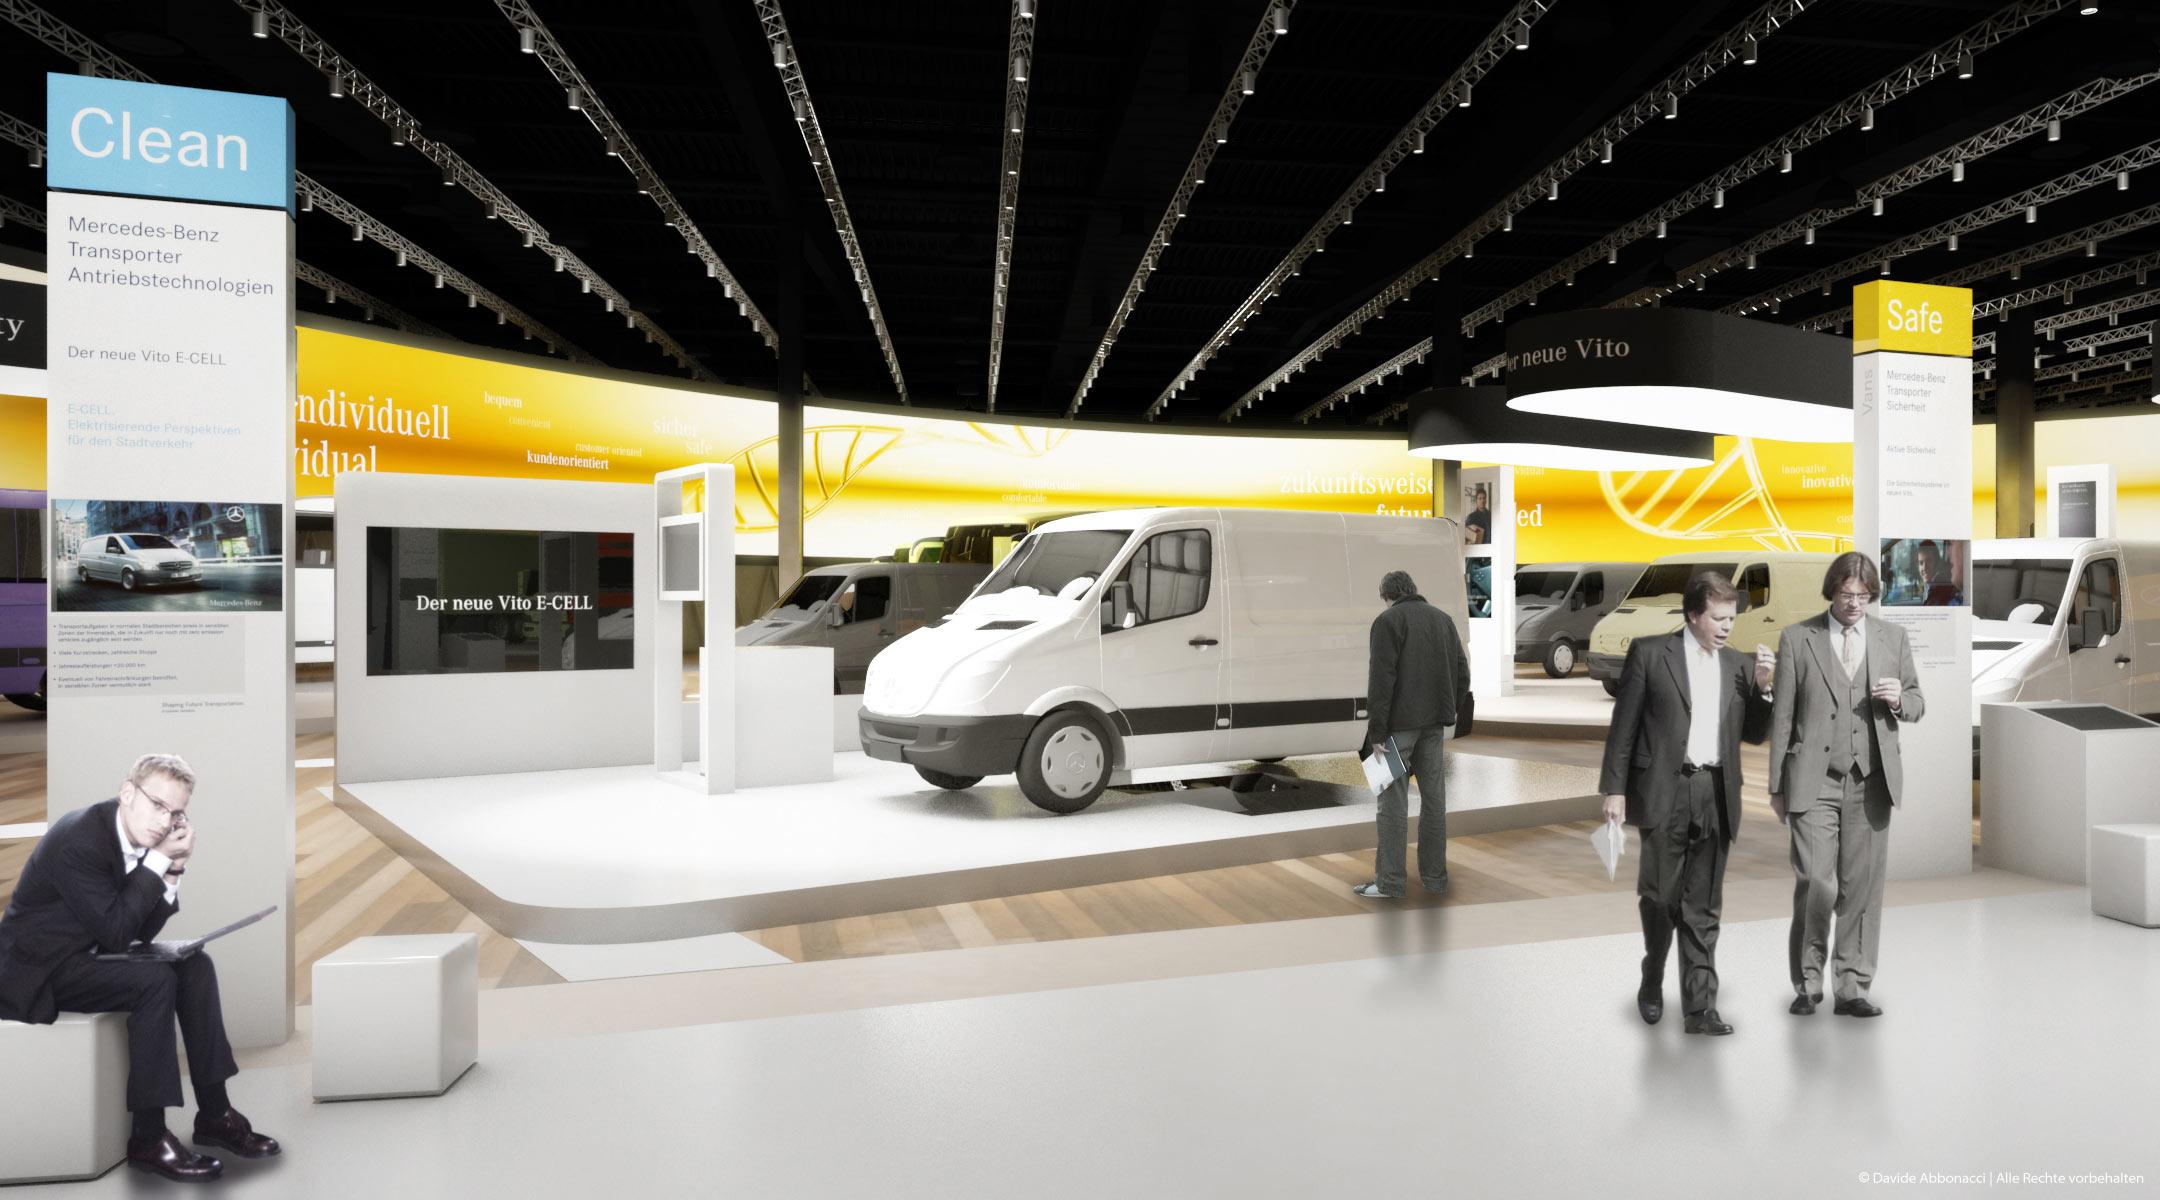 Daimler Mehrmarkenstand - IAA 2010 Nutzfahrzeuge, Hannover | Heide & Von Beckerath Architekten | 2010 Messestandvisualisierung